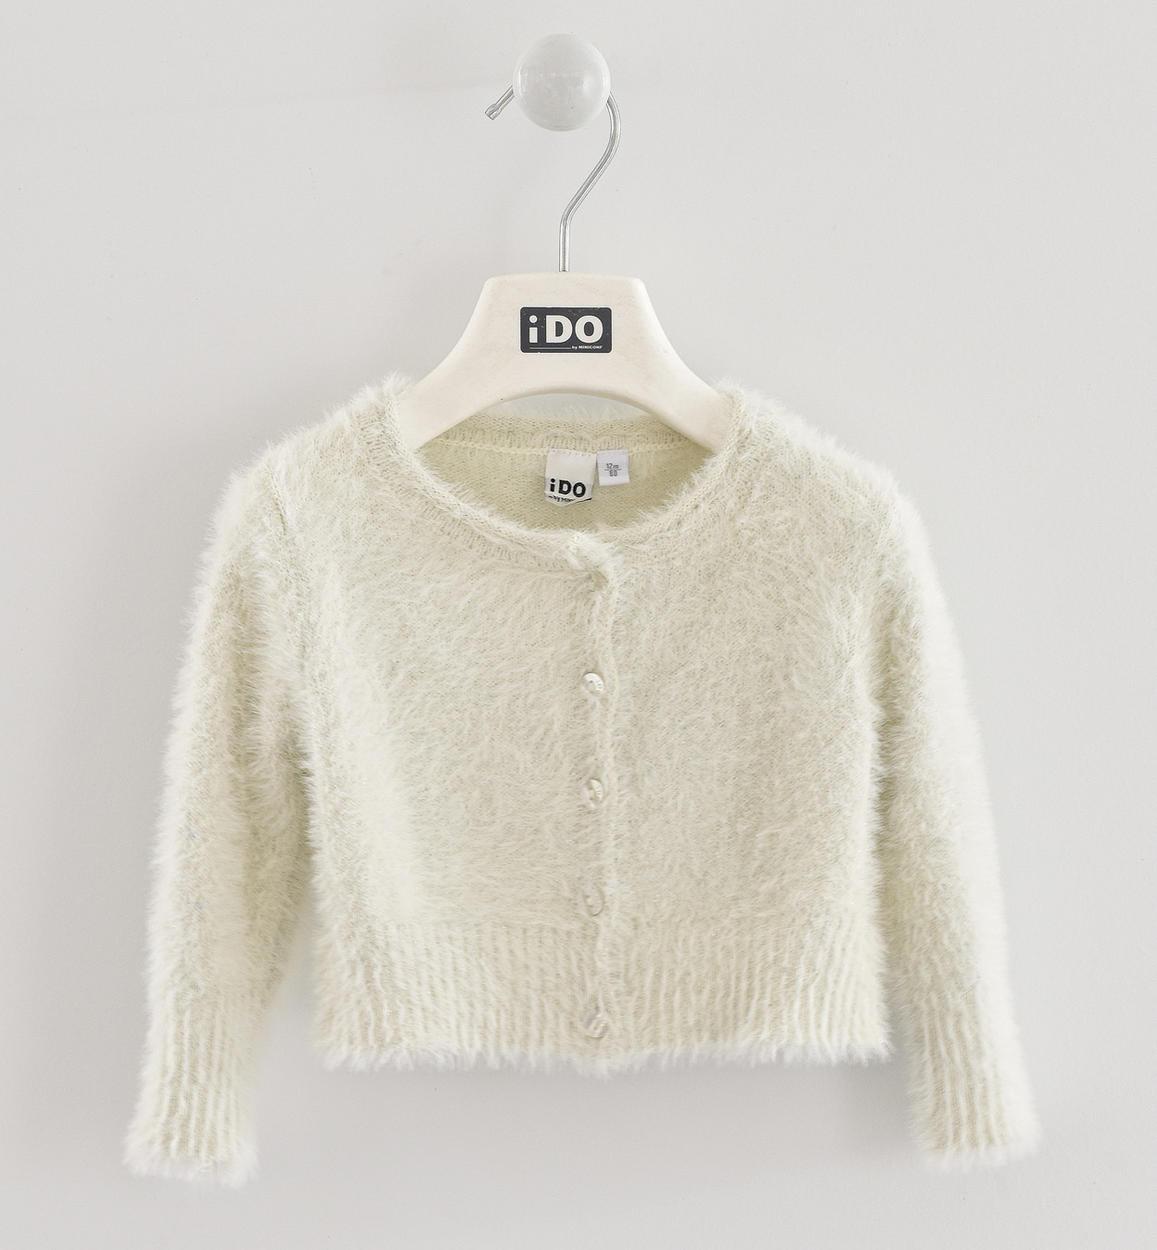 fehér szőrös pulóver